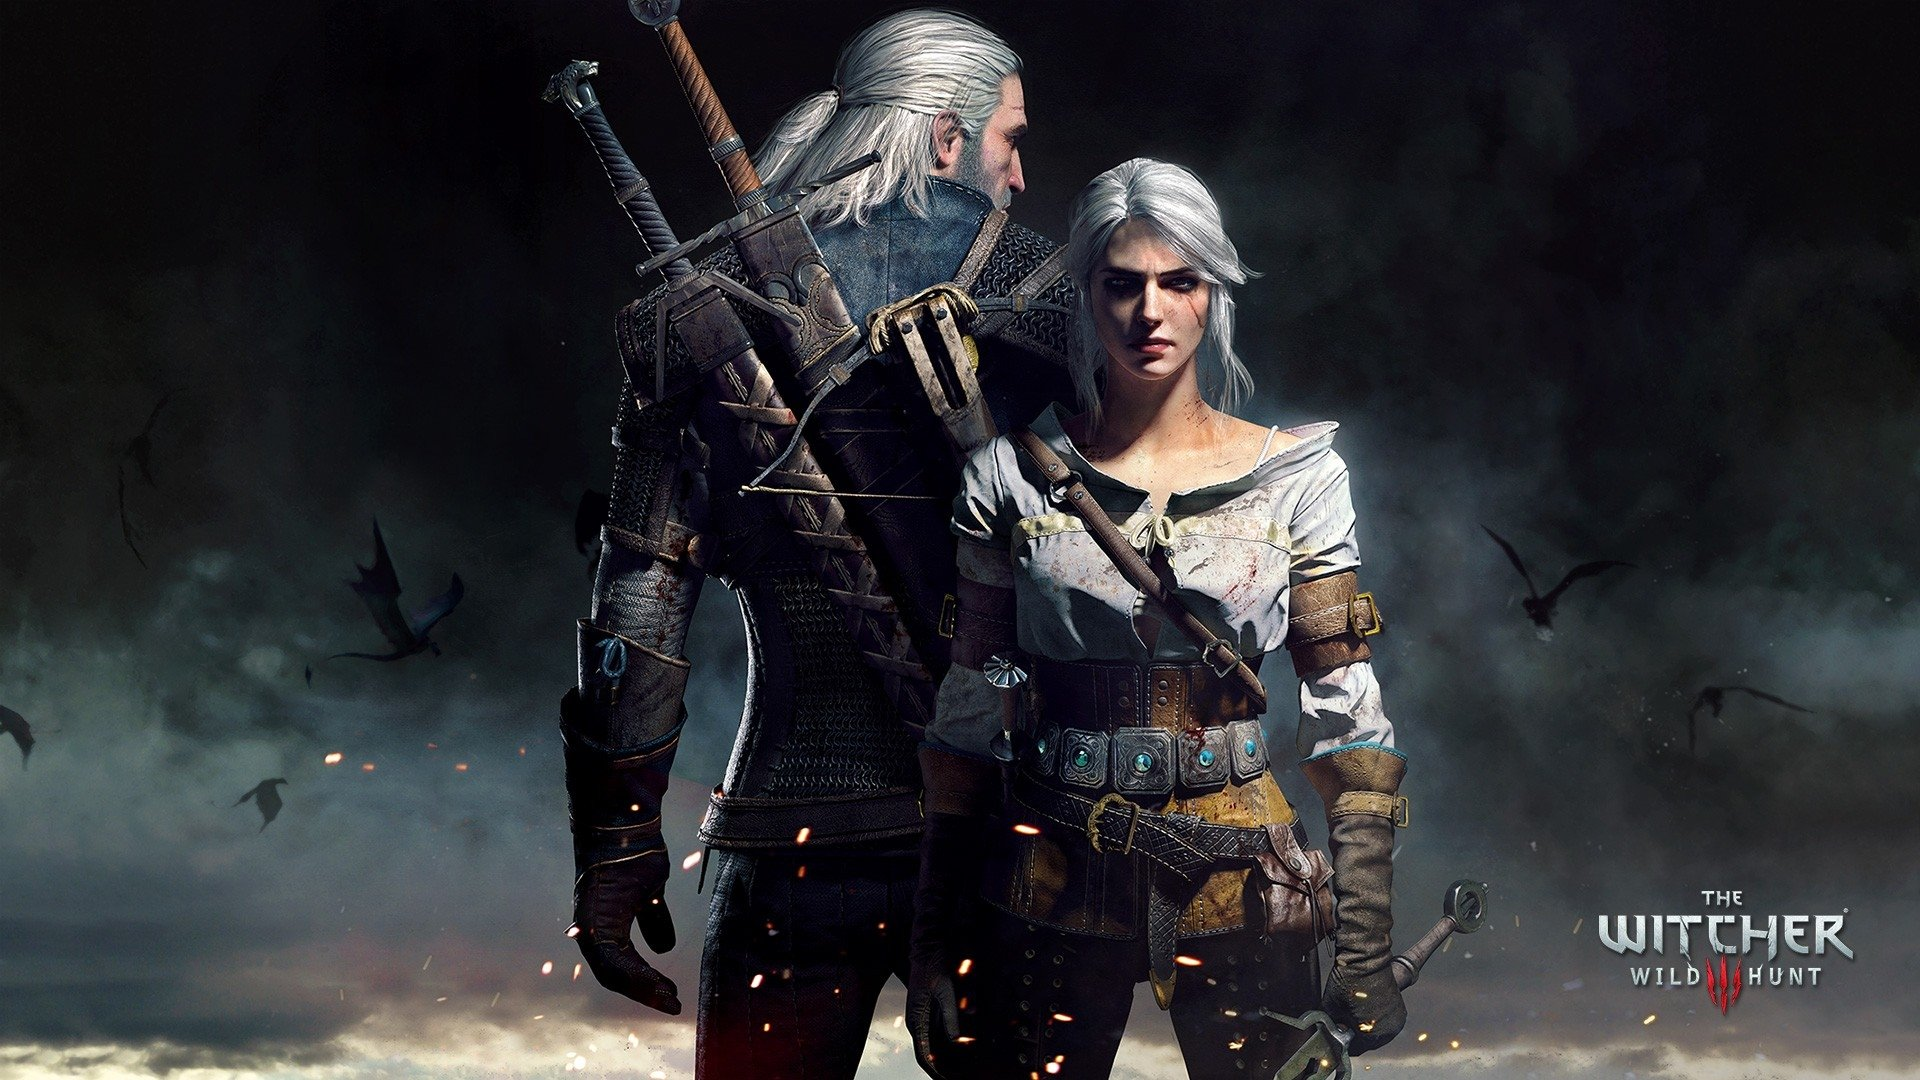 Вышла новая версия мода, который добавляет в The Witcher 3 реалистичную траву